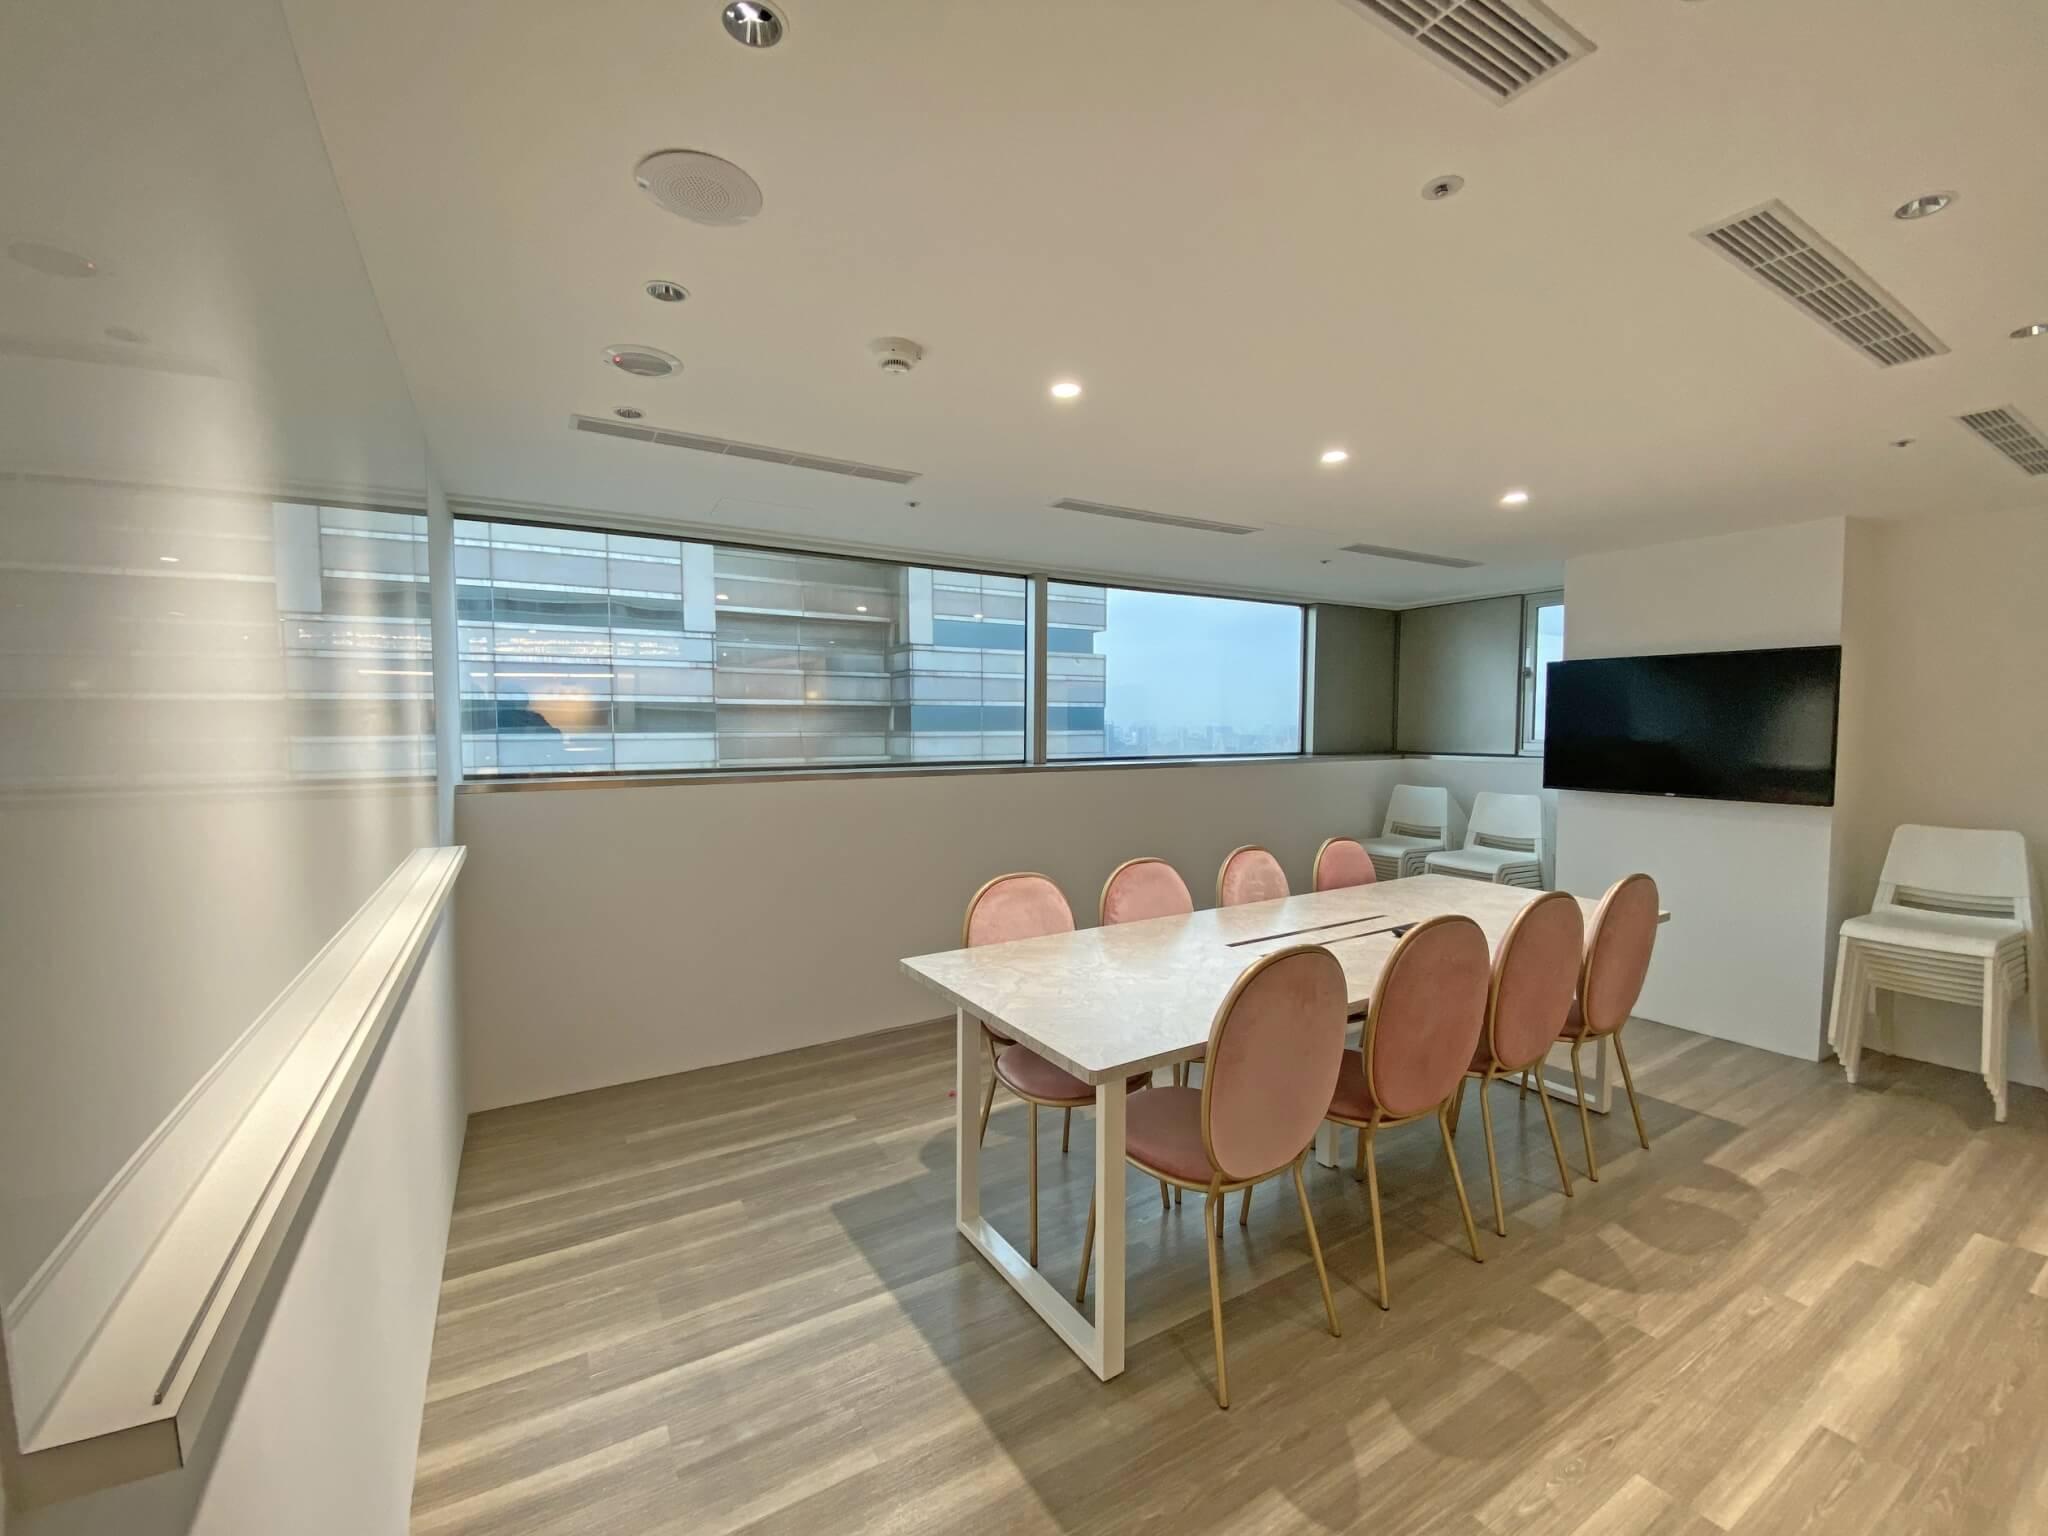 婕樂纖培訓總部會議室給你最佳的談話私密空間